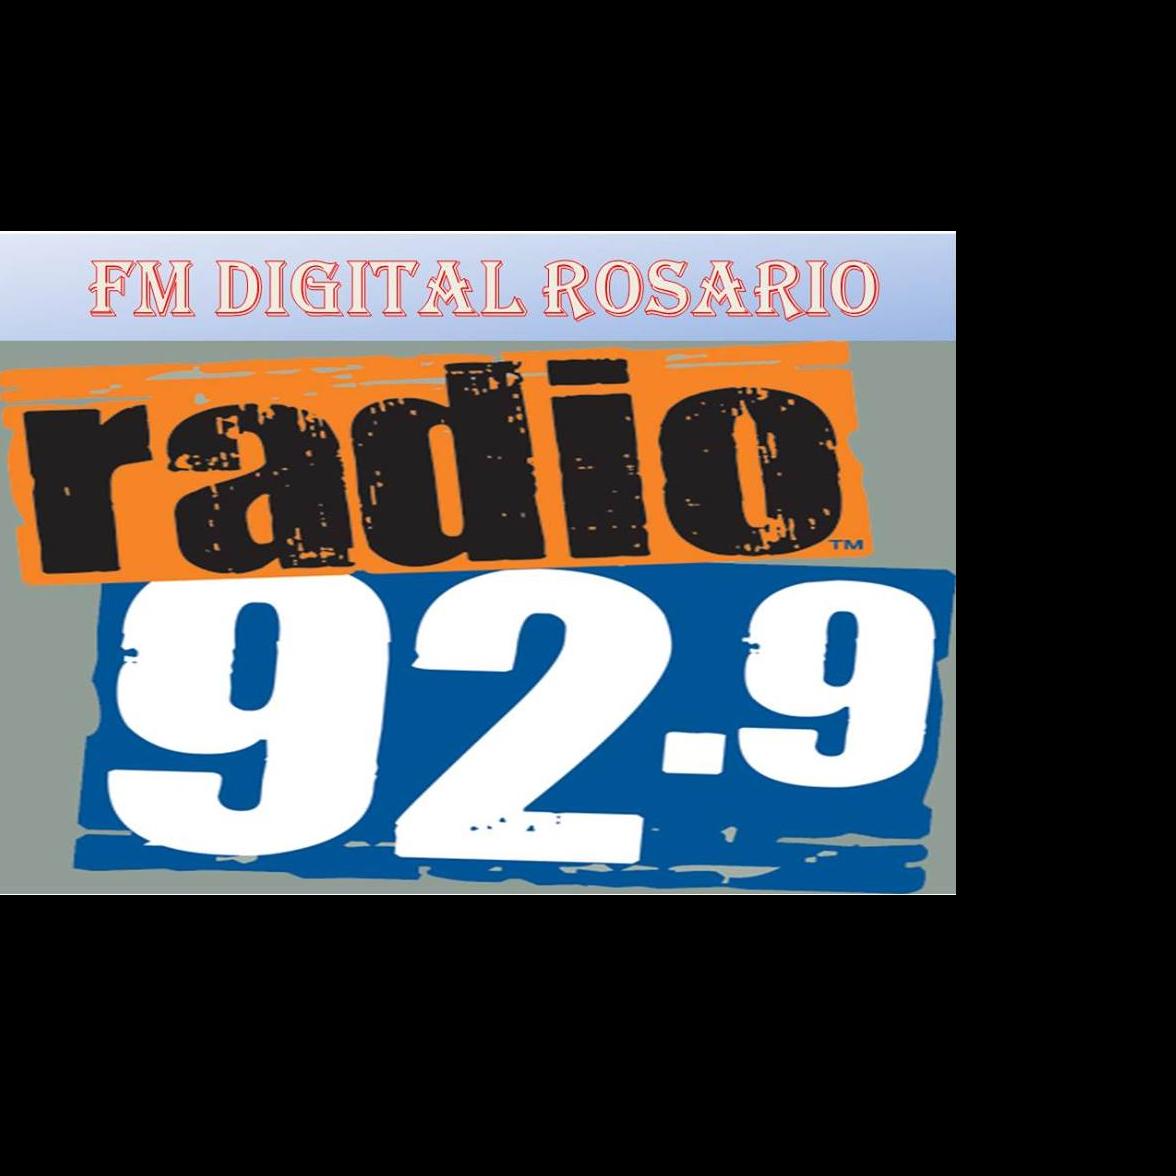 digital rosario fm